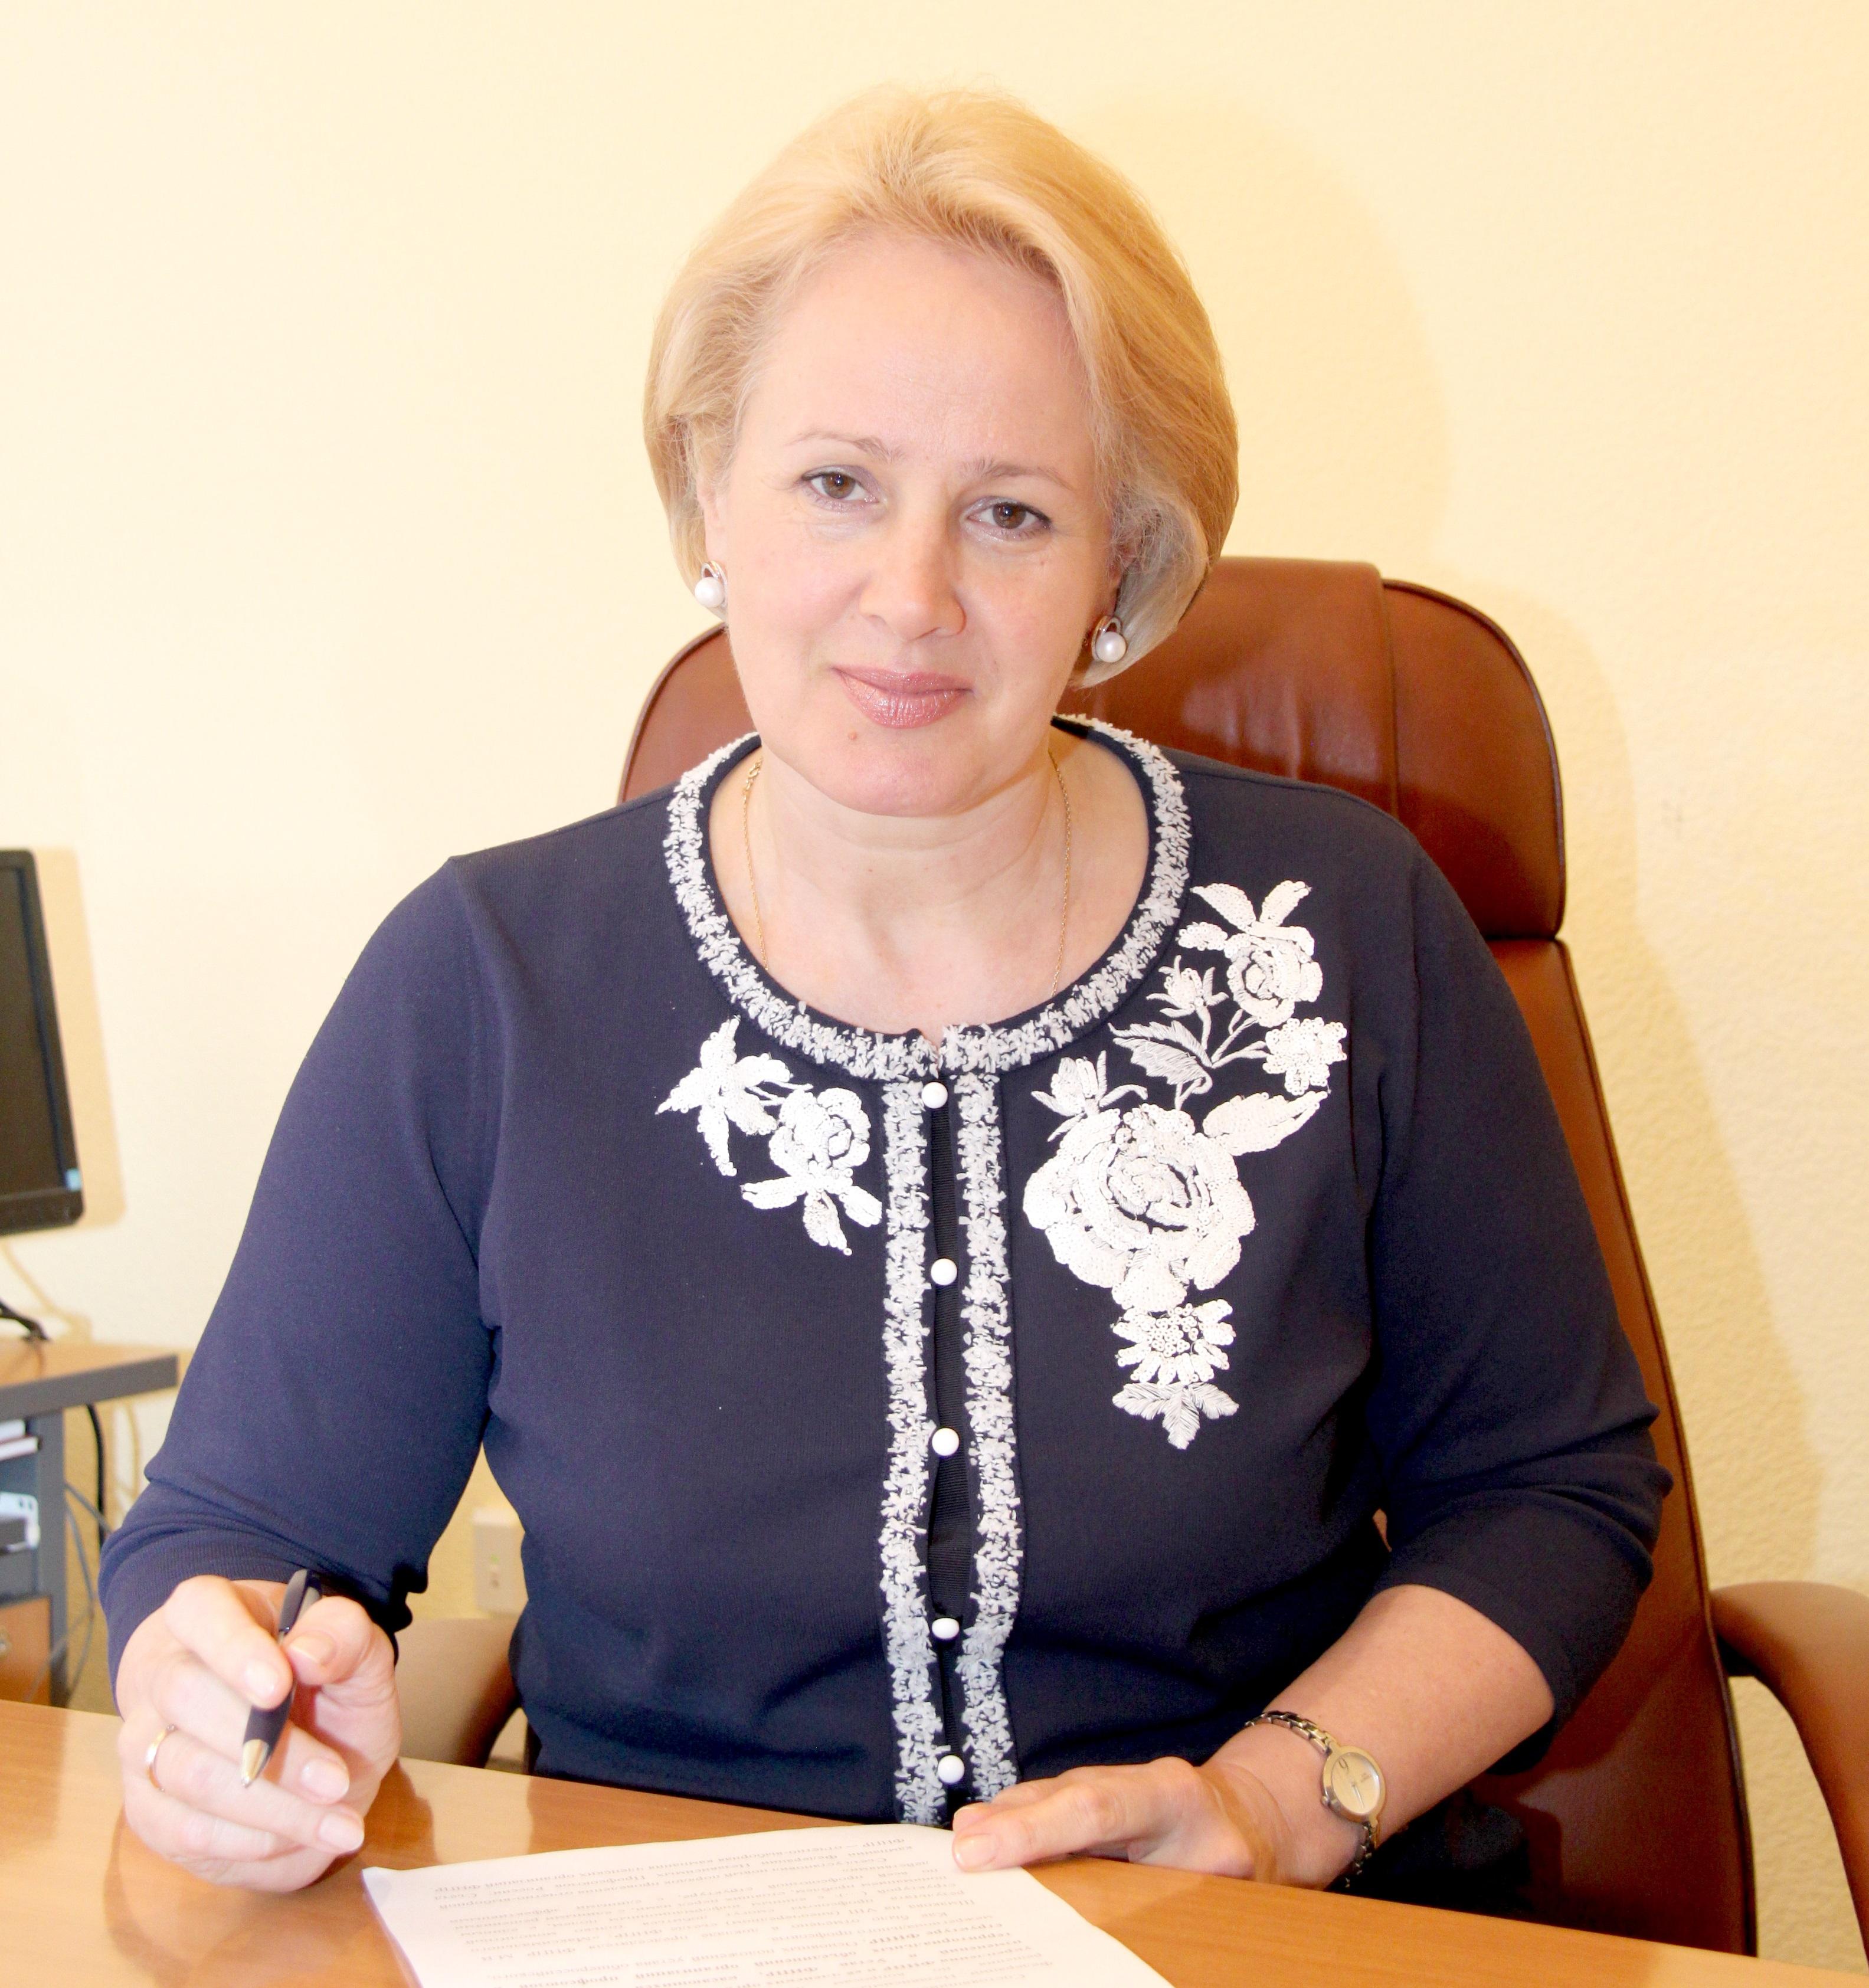 Татьяна Водопьянова: «Рост зарплат в 2018 году ожидается на уровне 4,5%»